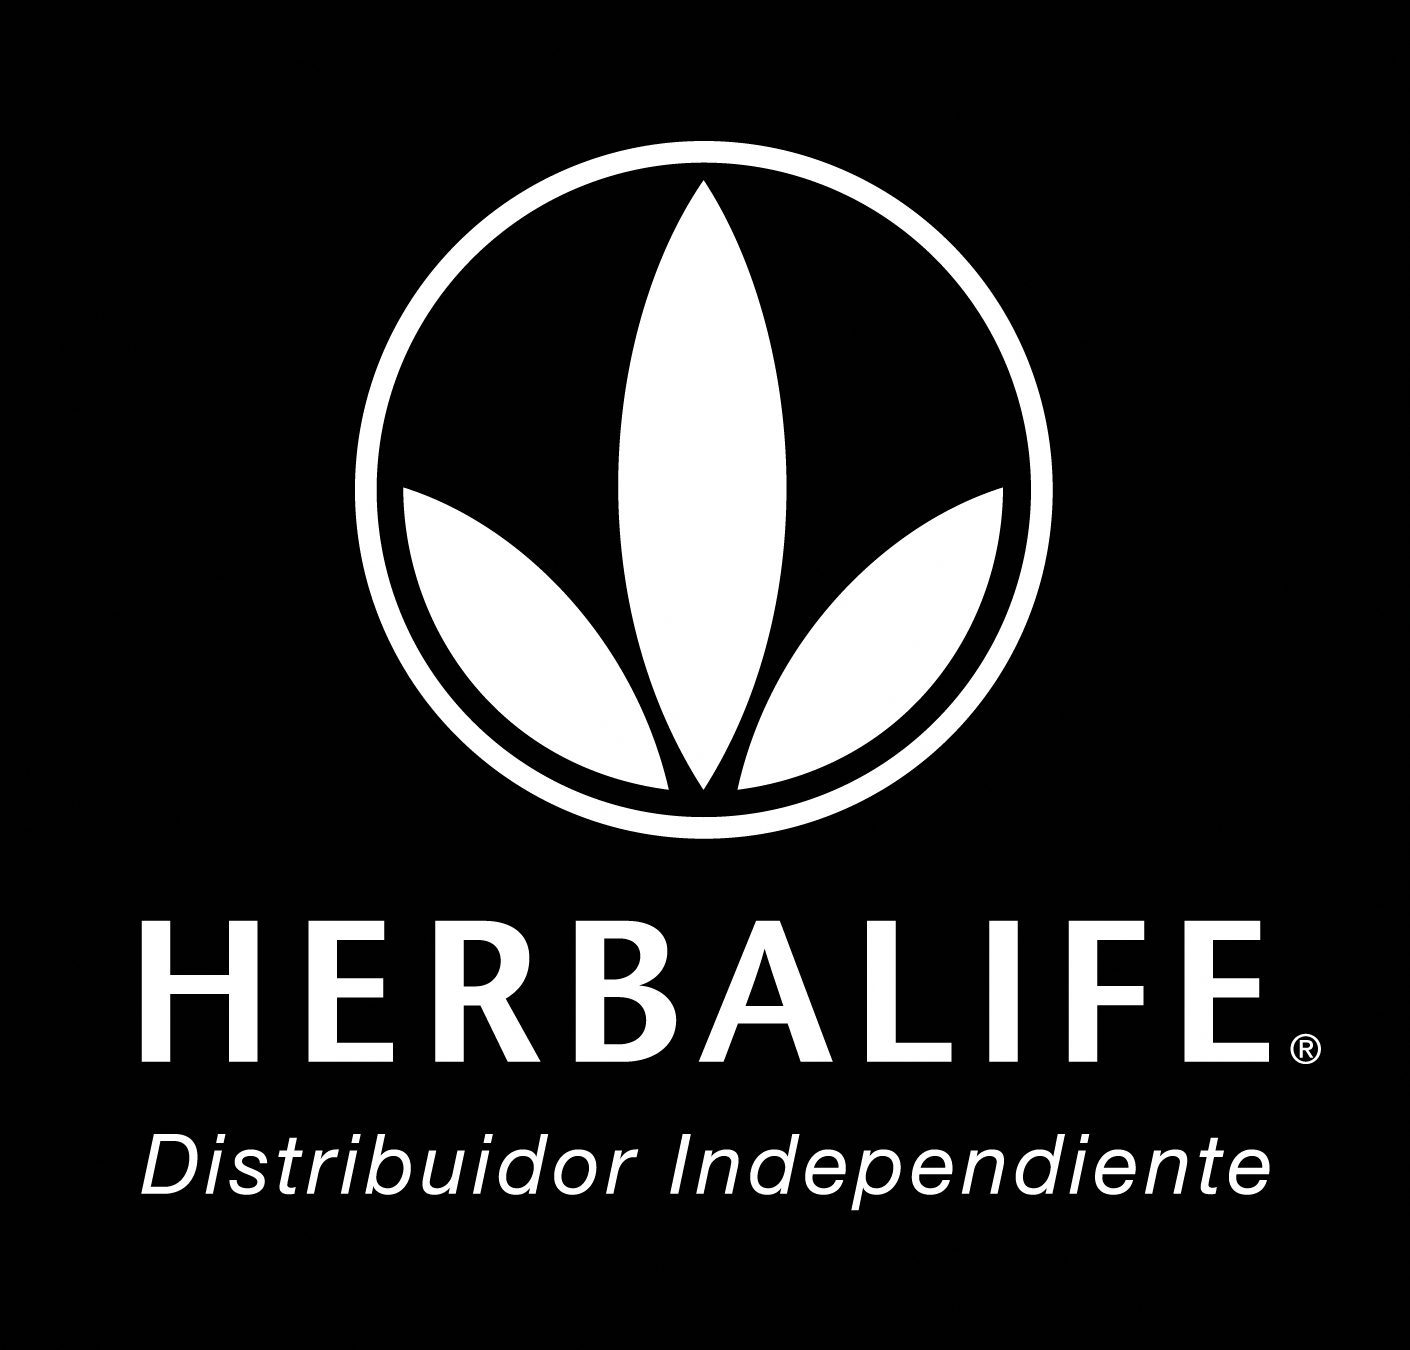 10 Logo Herbalife Nutrition Png 10 Logo Herbalife Herbalife Nutrition